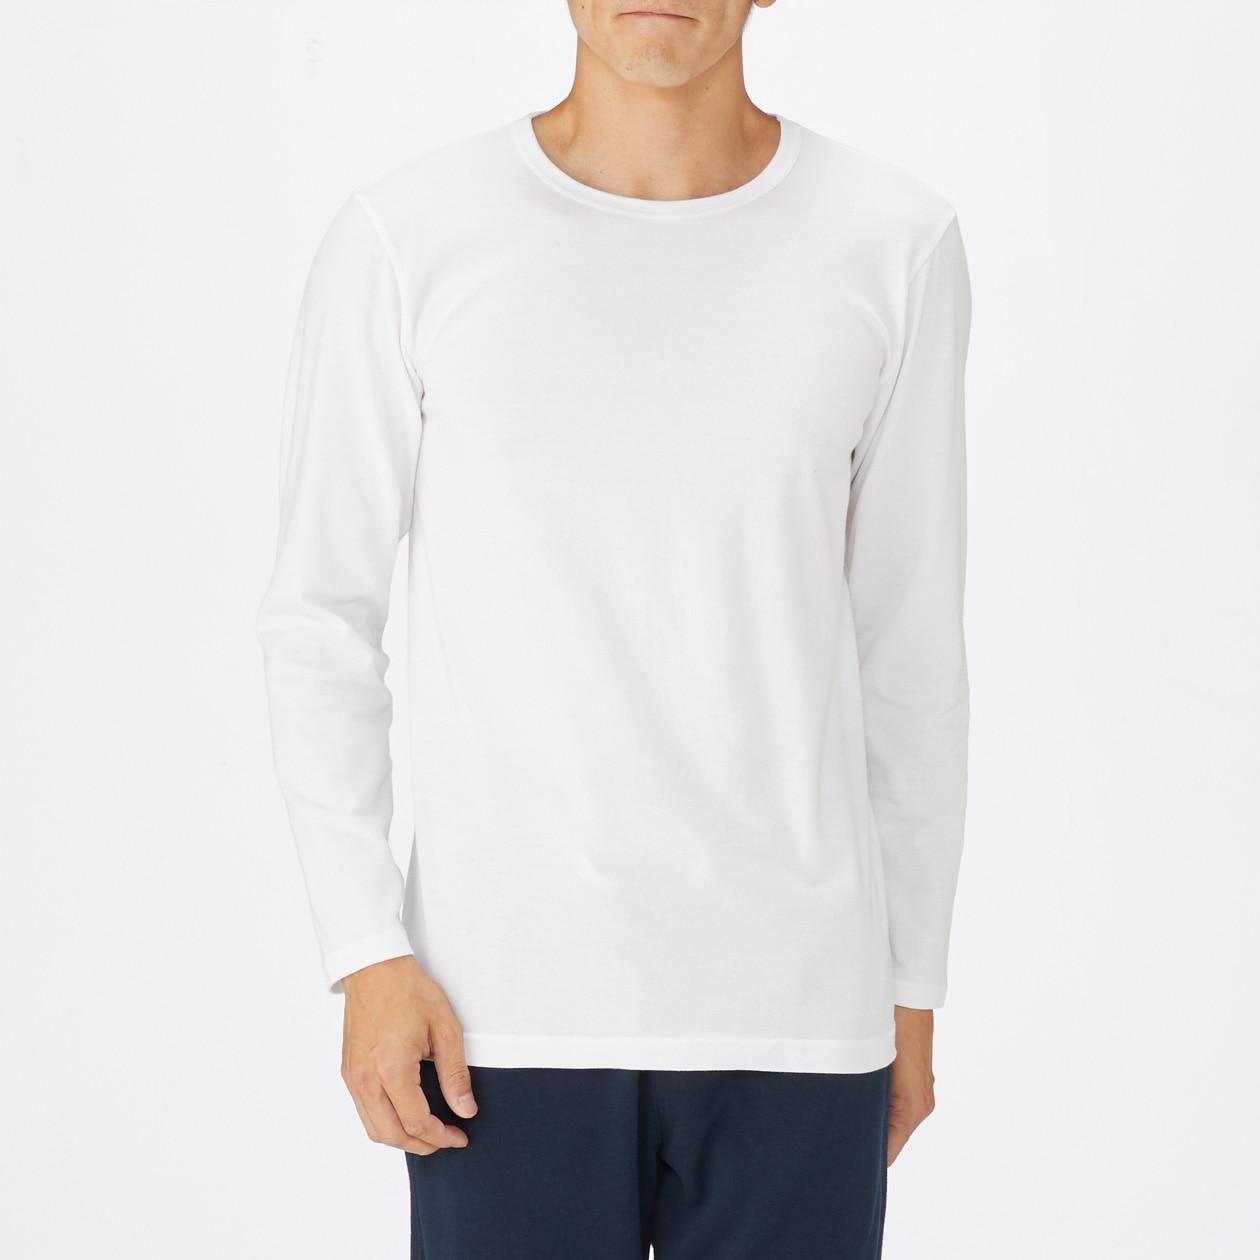 綿であったかクルーネック長袖Tシャツ